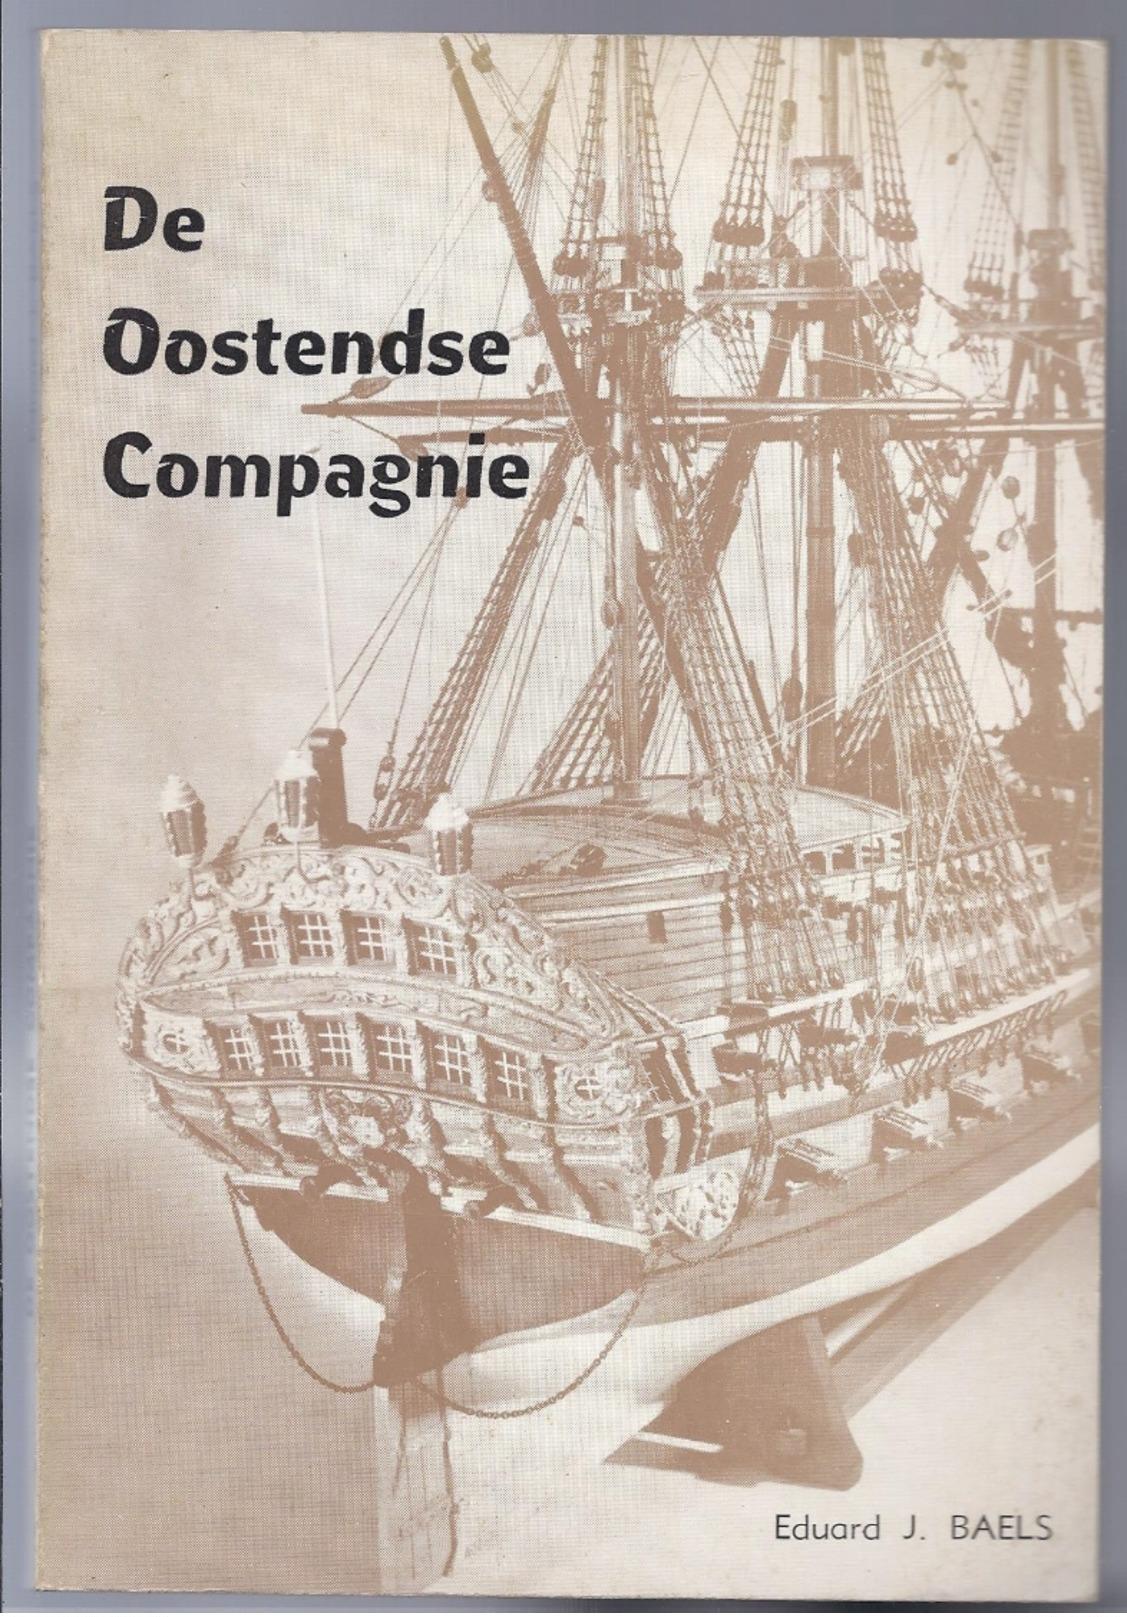 De Generale Keizerlijke En Koninklijke Indische Compagnie ... Oostenrijkse Nederlanden Genaamd De Oostendse Compagnie - Histoire